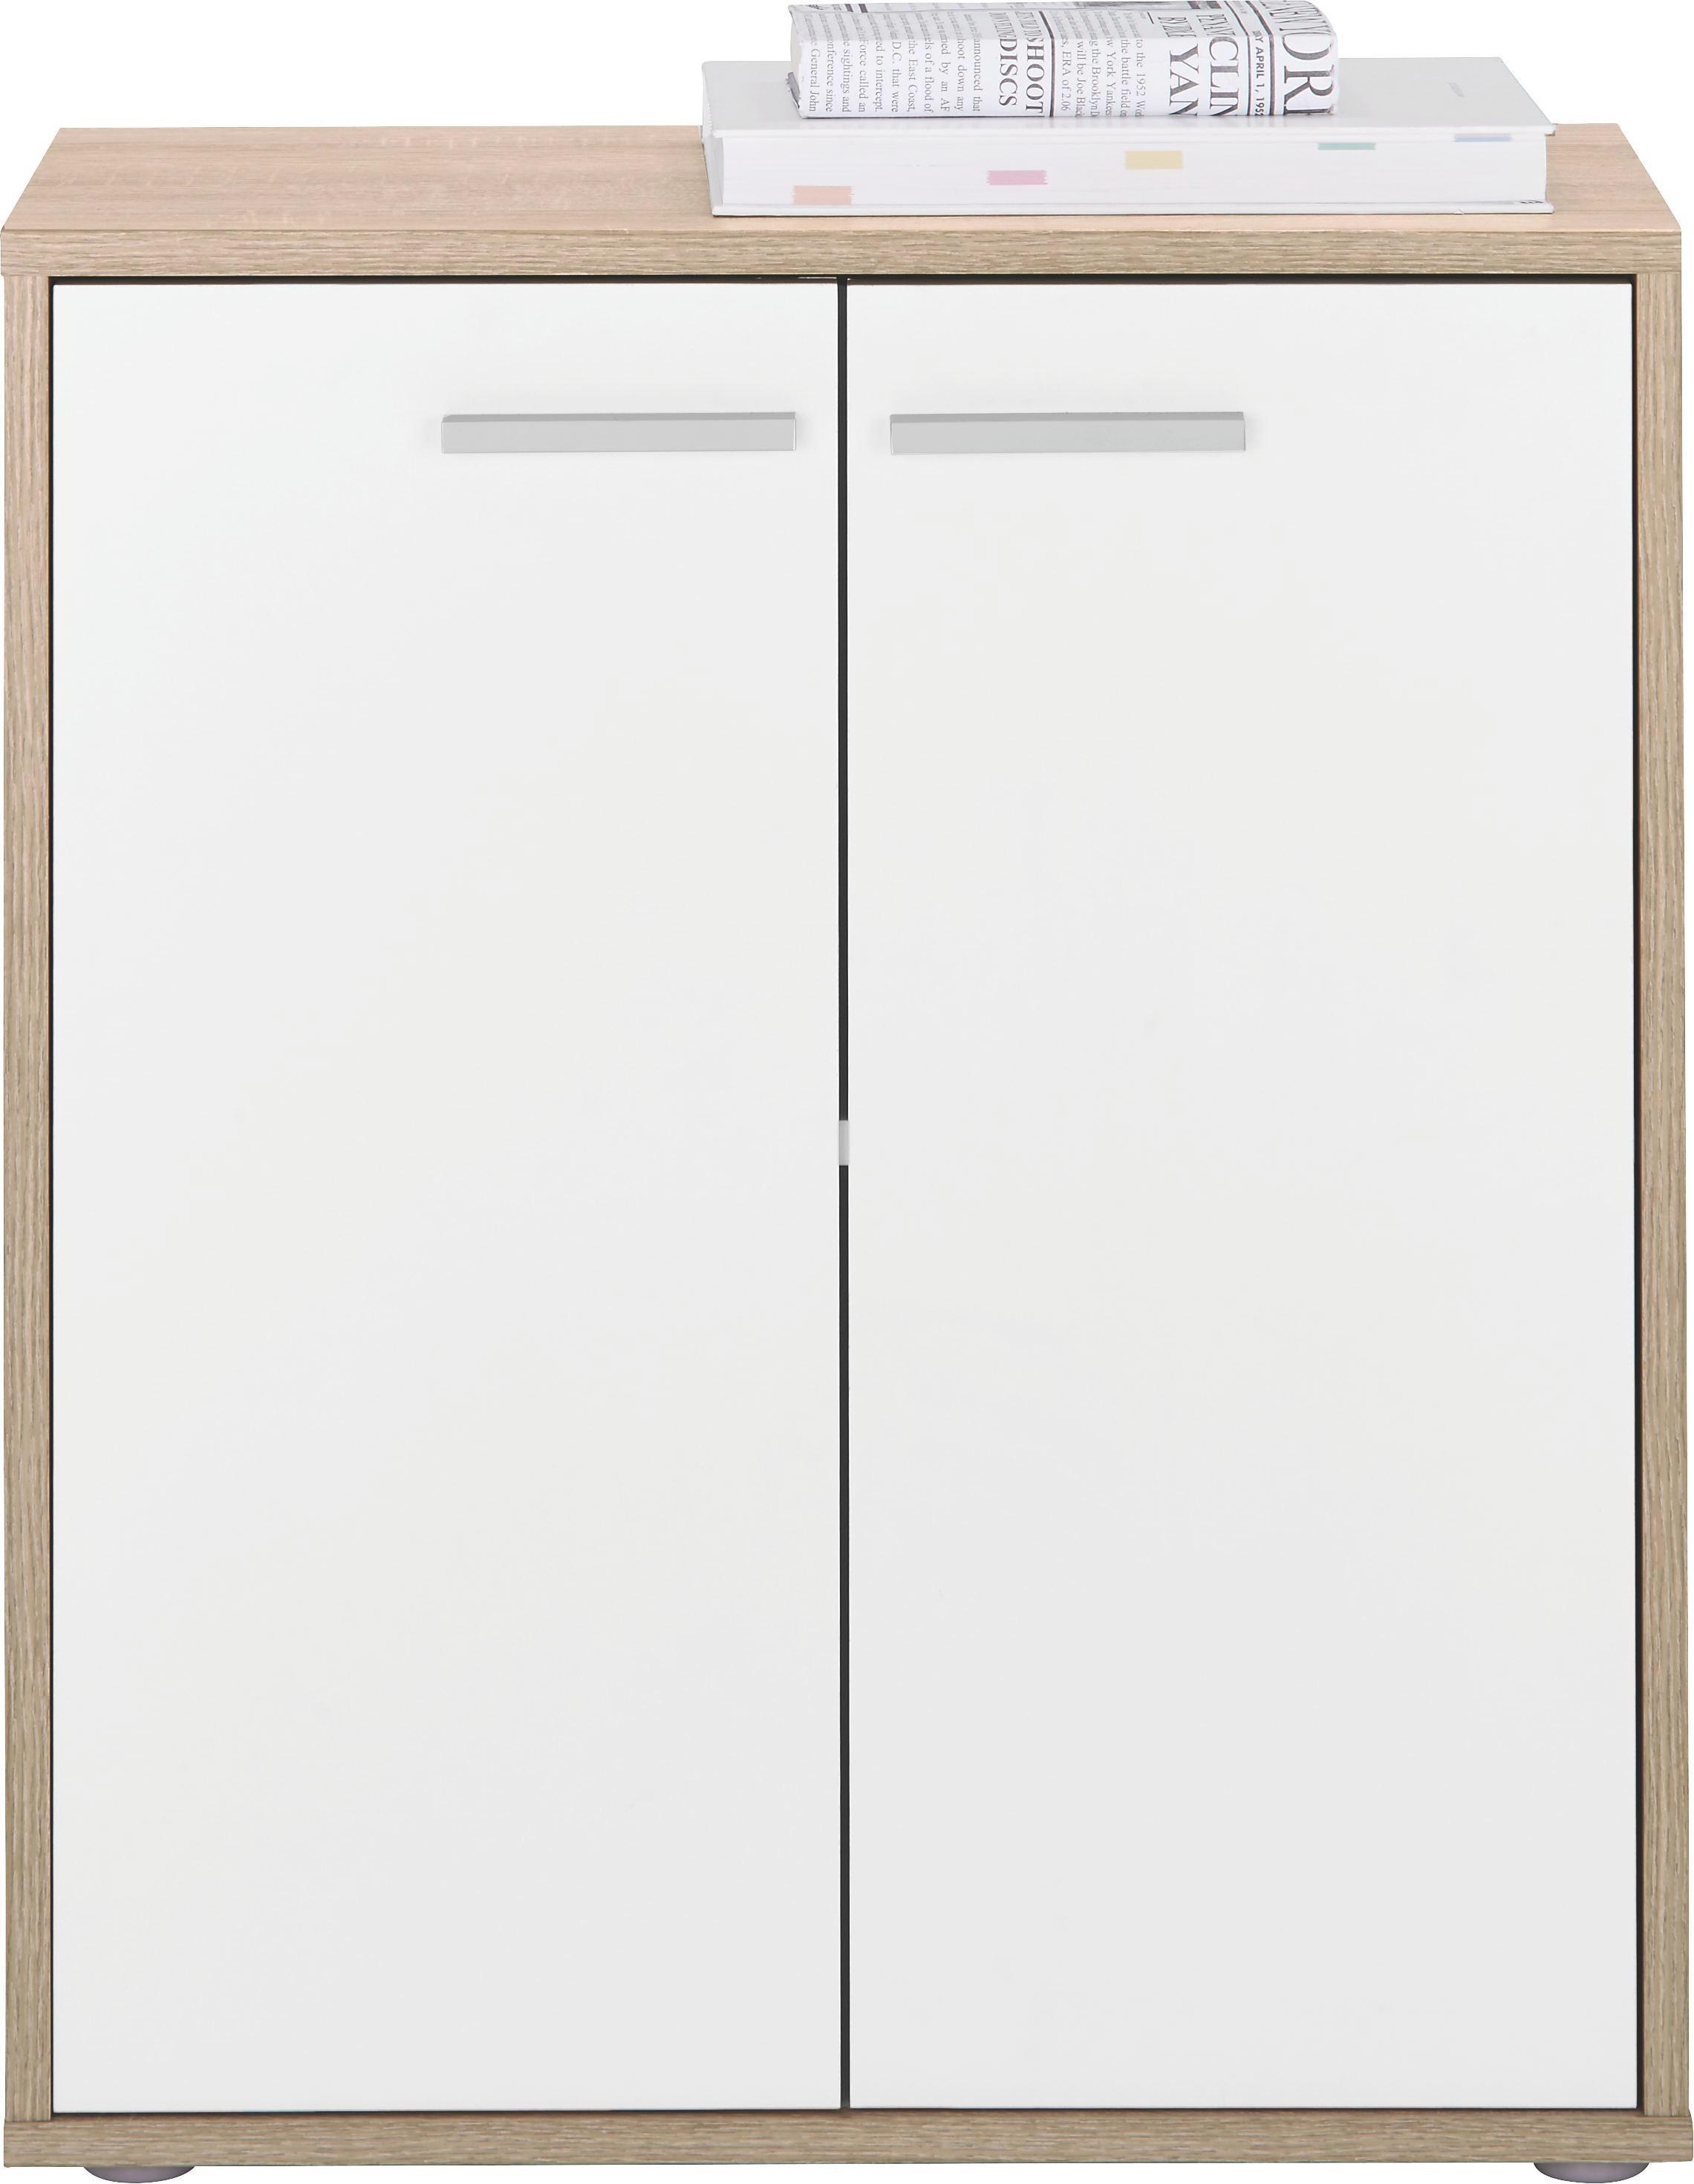 Kommode in Sonoma/Weiß - Weiß/Sonoma Eiche, Holzwerkstoff (60/70/30cm) - MÖMAX modern living